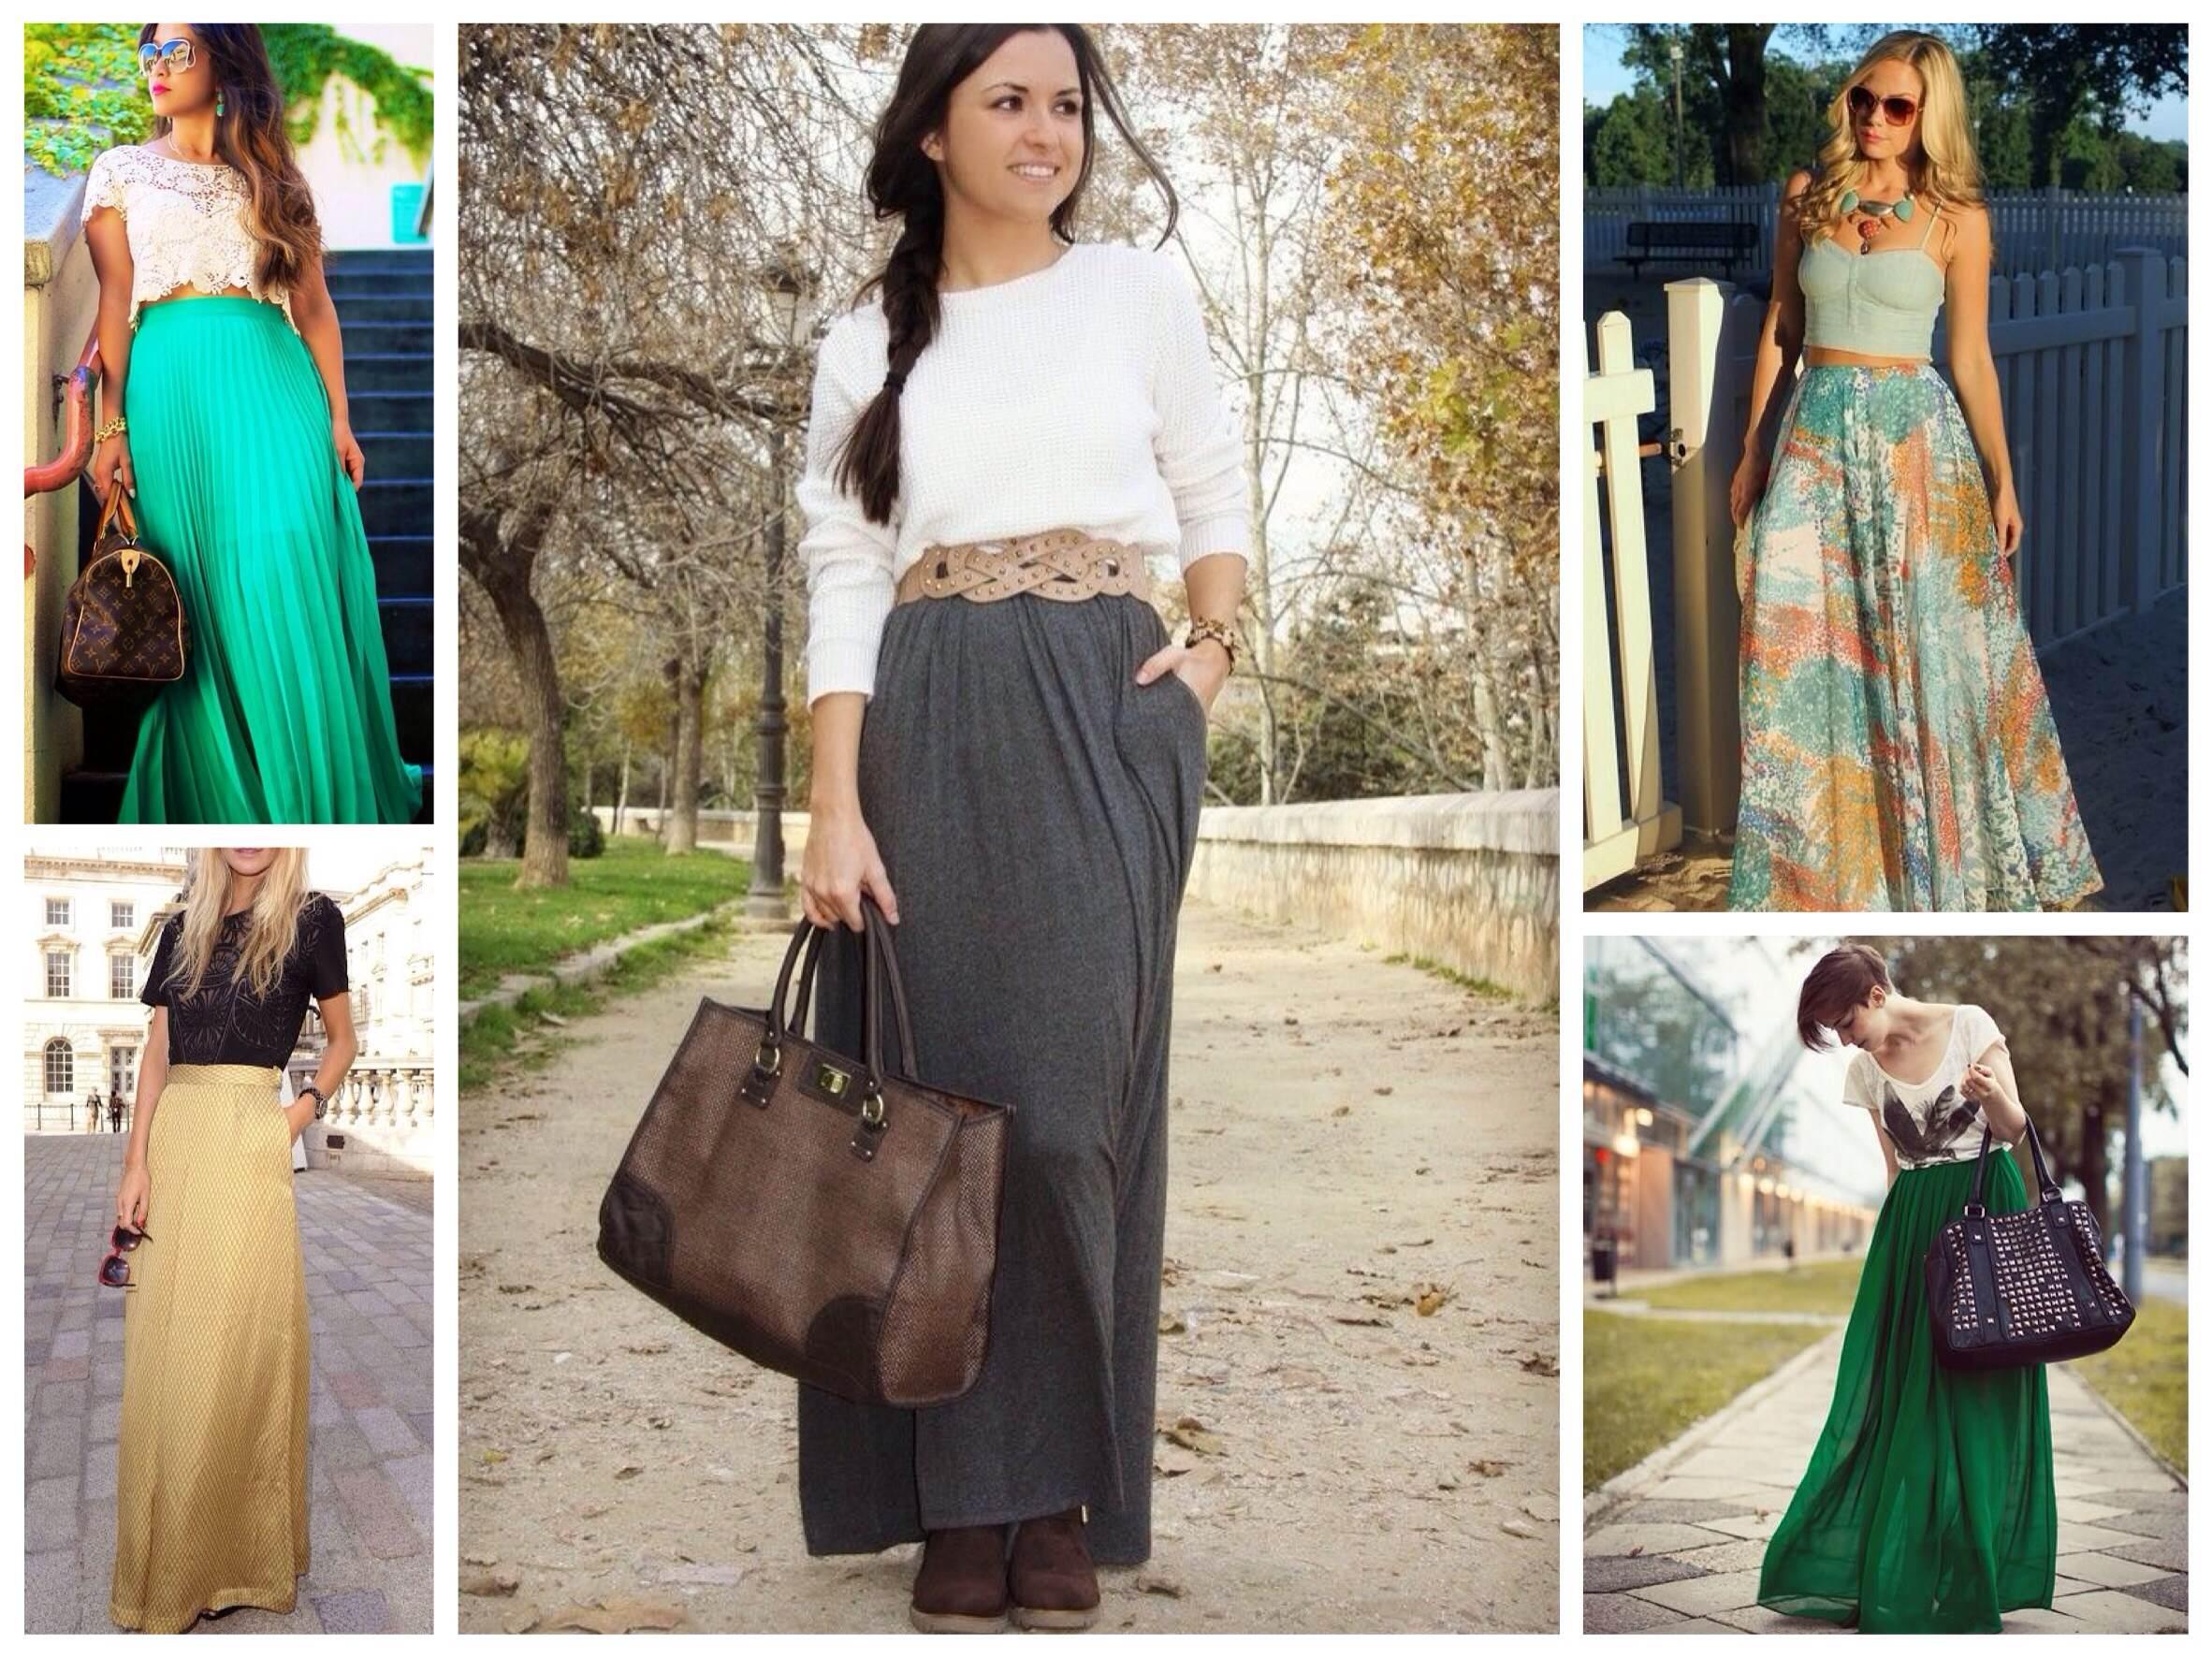 Модные юбки на весну 2018 года: модели длинные в пол